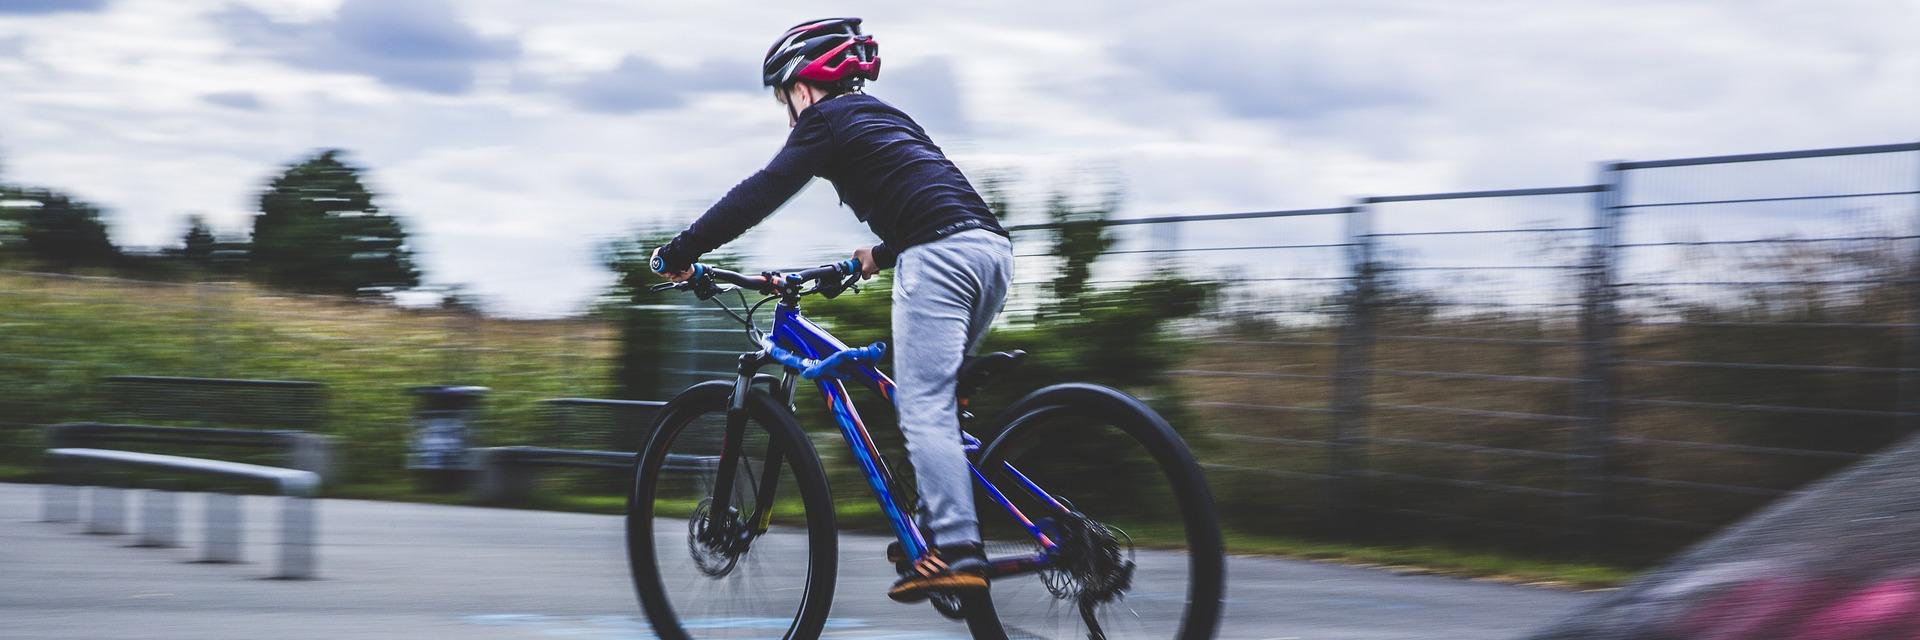 Kind beim Fahrradfahren mit Kinderfahrradhelm